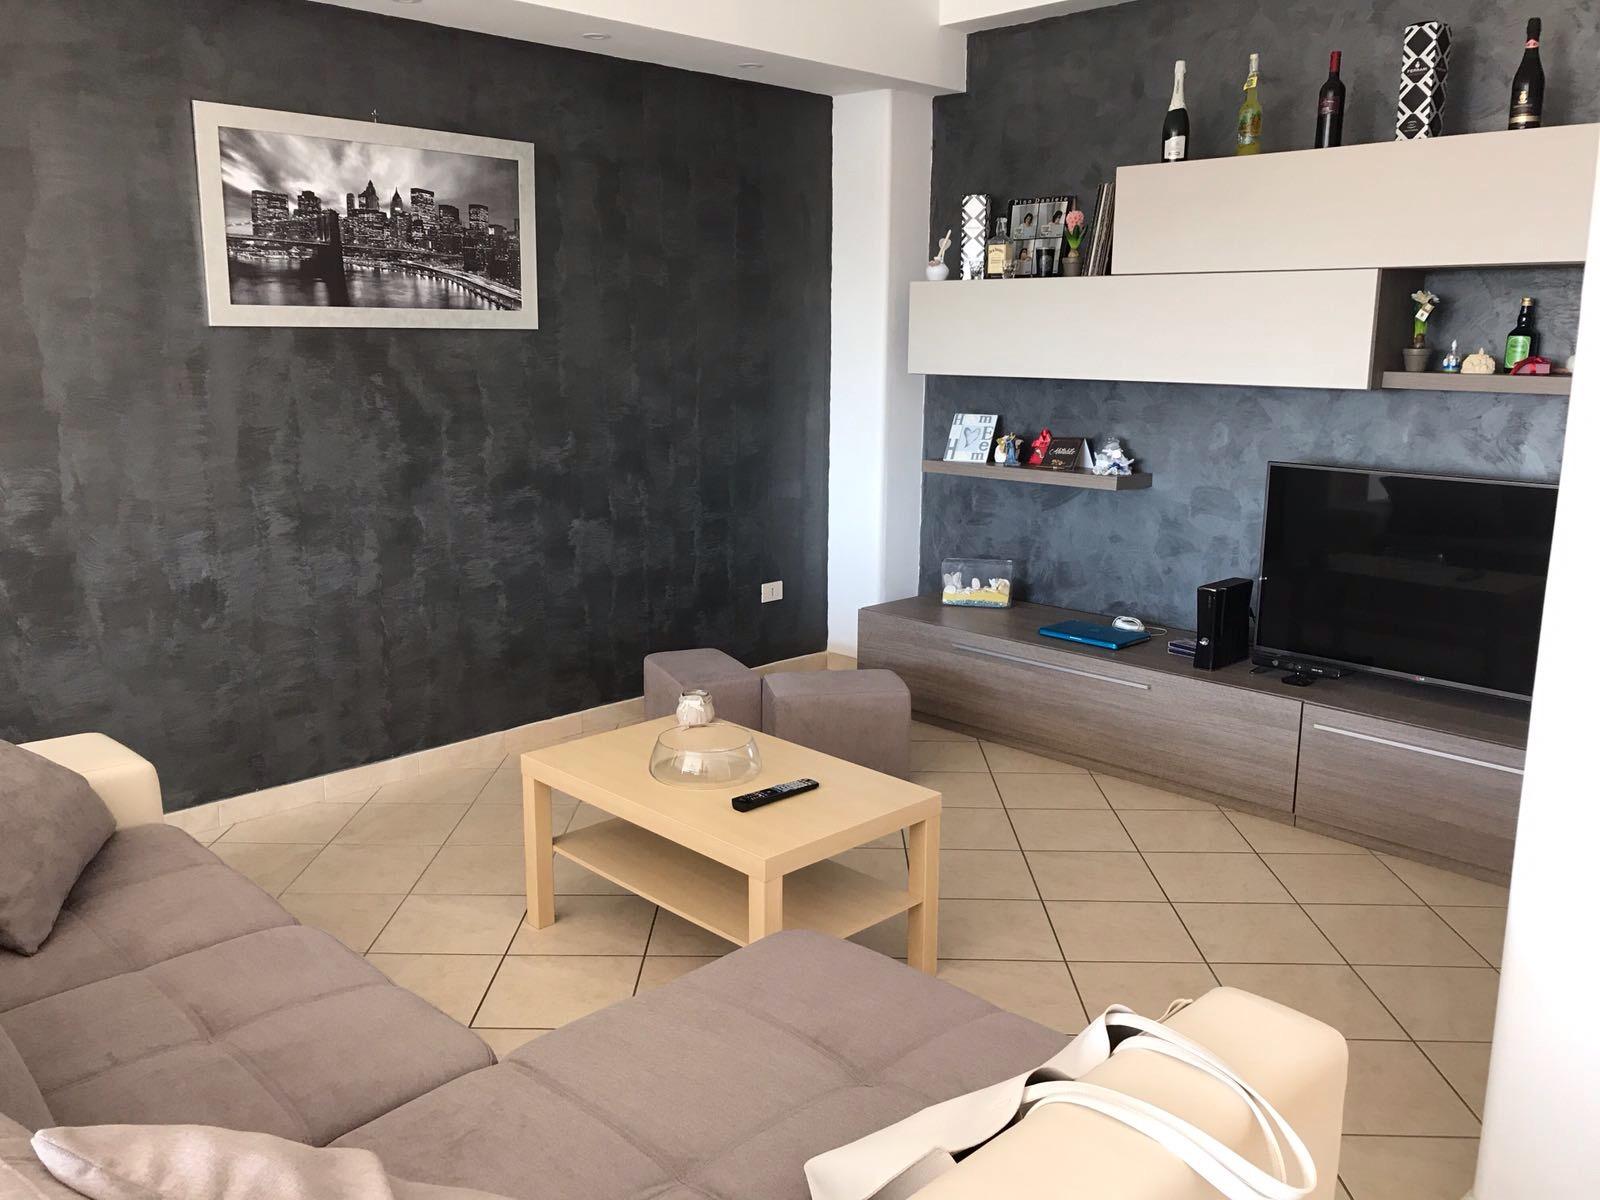 Appartamento in vendita a Roccasecca, 5 locali, prezzo € 130.000 | CambioCasa.it